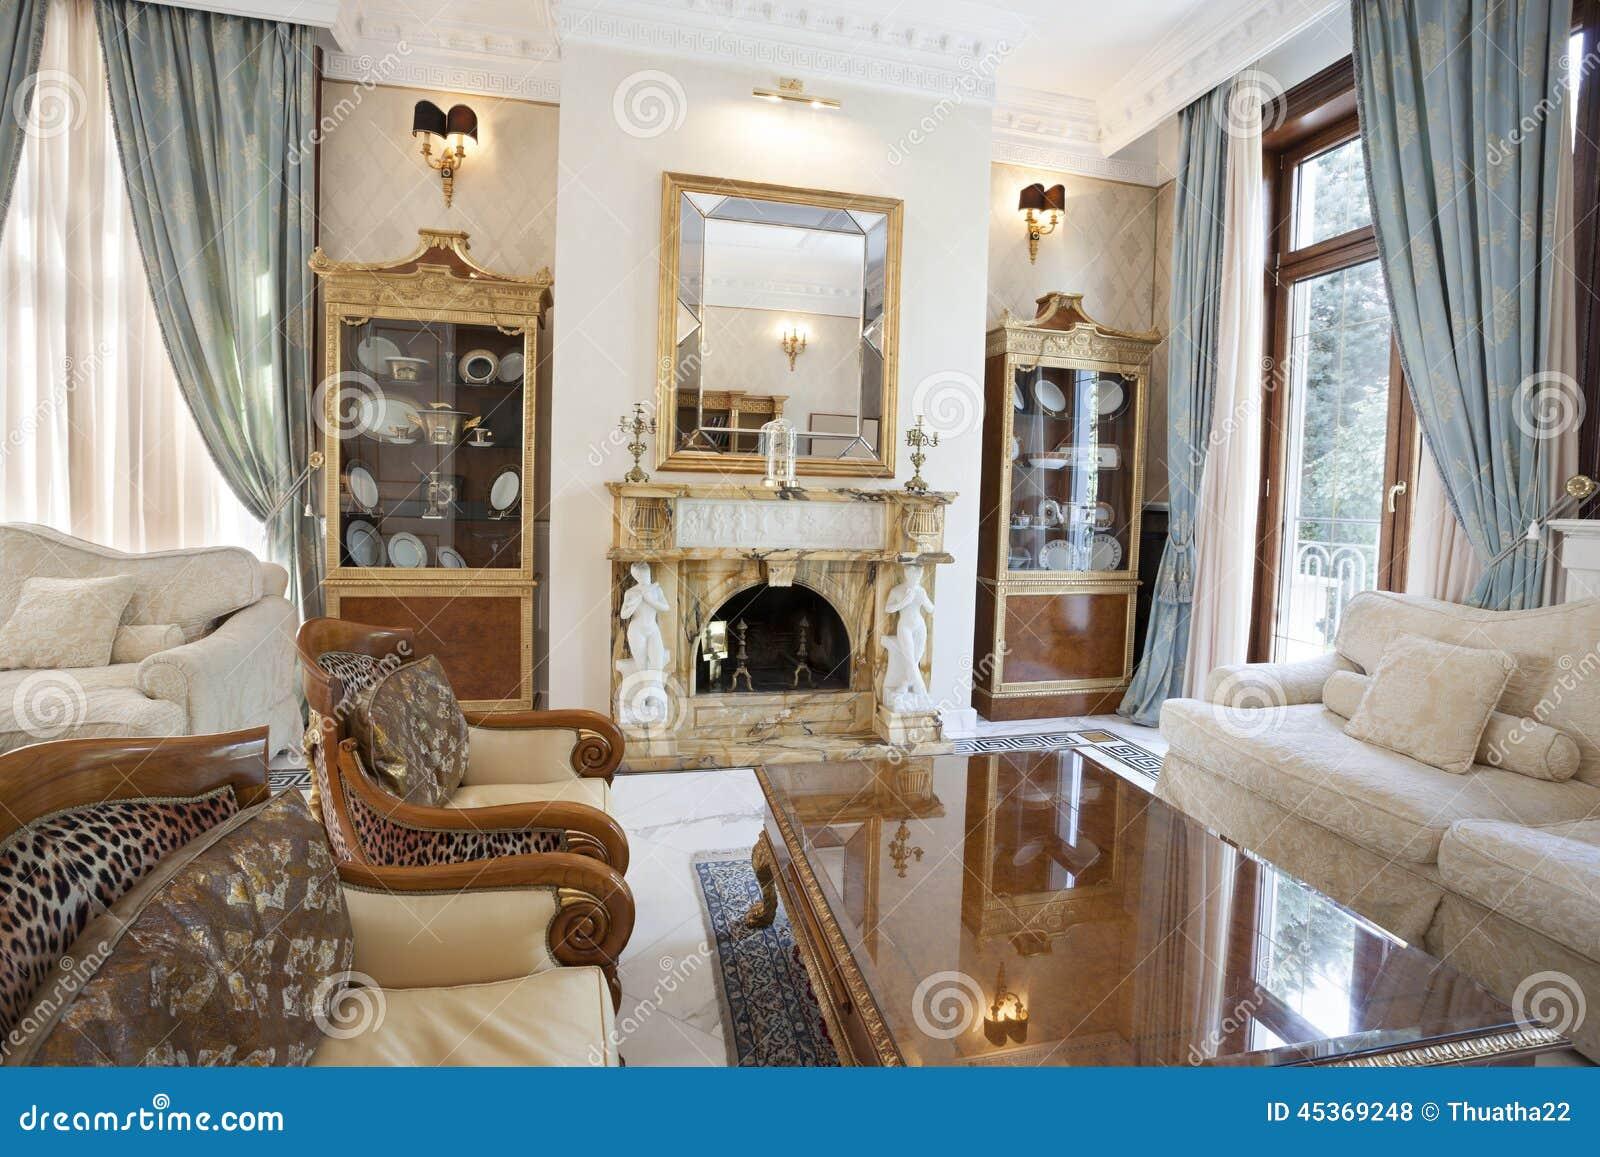 Innenraum eines wohnzimmers mit kamin im luxuslandhaus for Innenraum design programm kostenlos